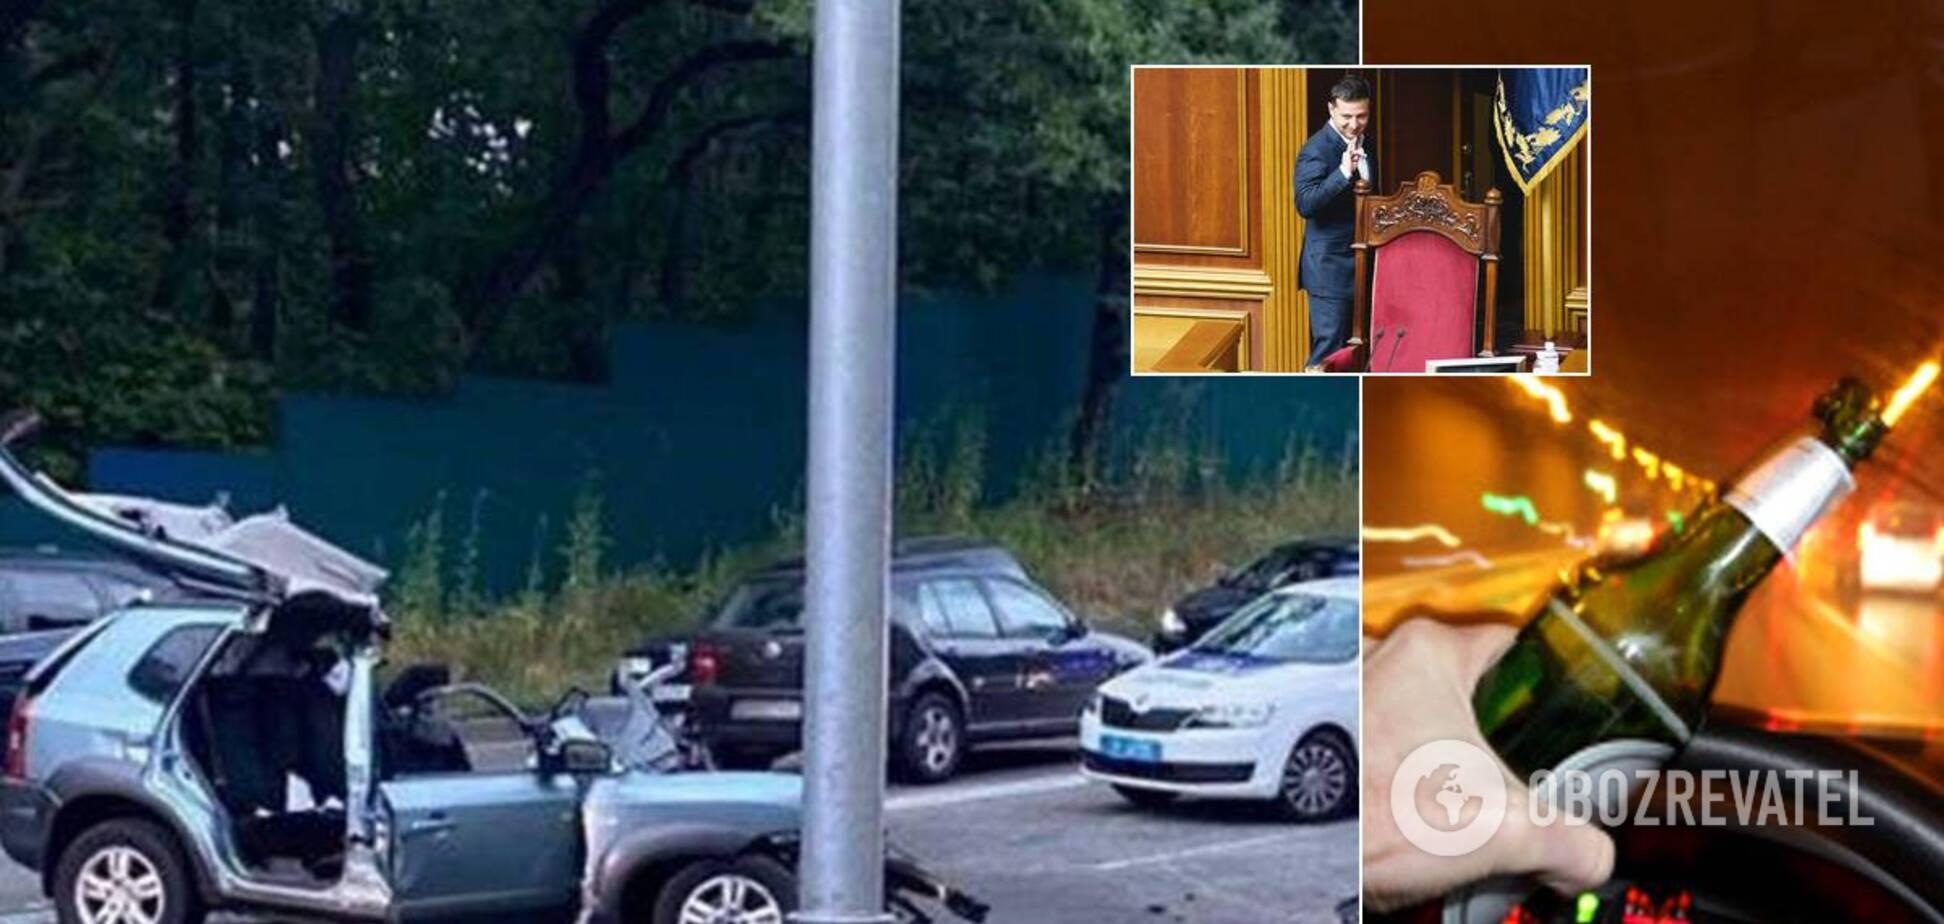 Пьяных водителей в Украине с осени должны сажать в тюрьму: как власть 'играет' с жизнями и почему боится ответственности